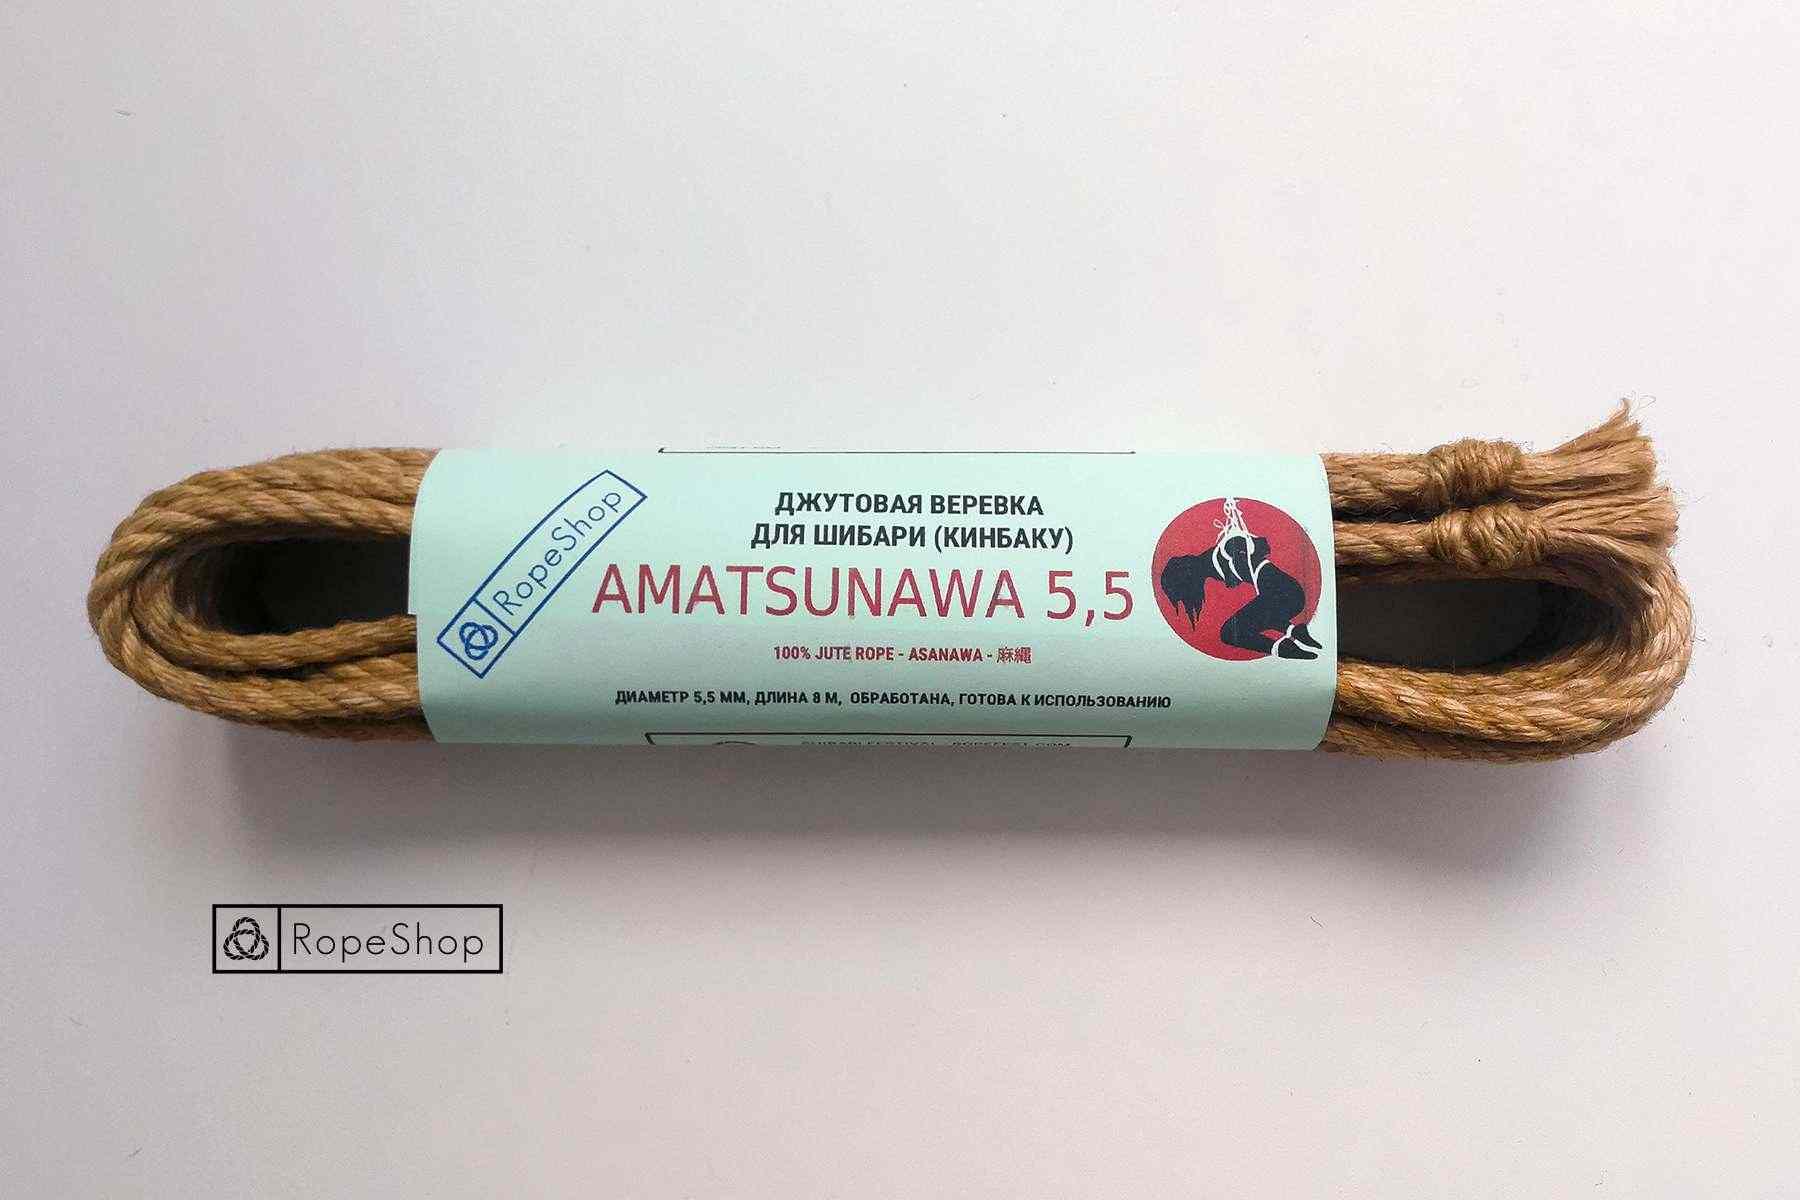 Веревка для шибари 5,5 мм. джутовая Amatsunawa (Germany), JBO-free